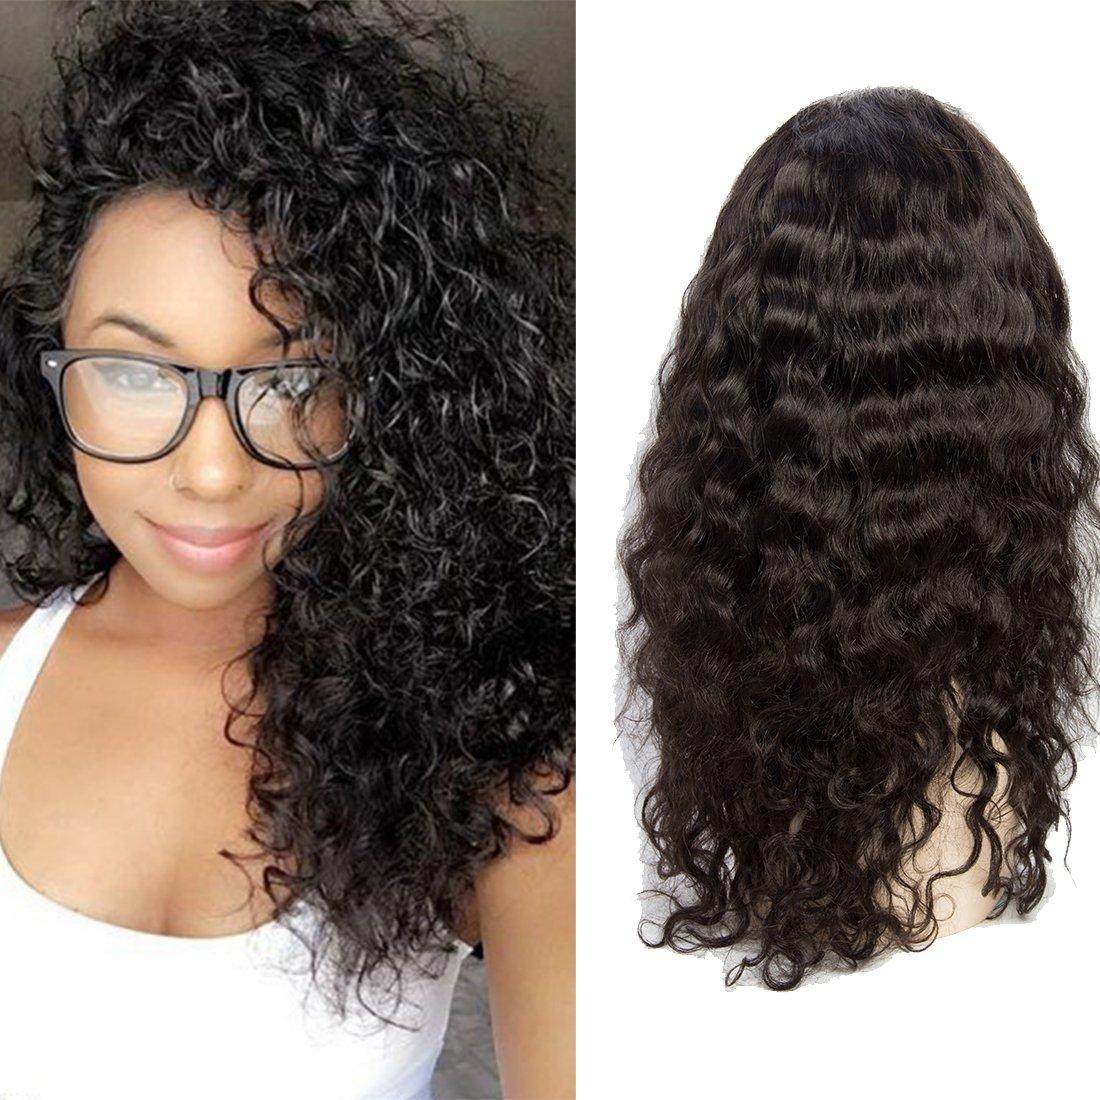 VIPbeauty Water wave Perruque lace frontale 130% Densite Remy cheveux Bresilien naturel couleur naturel pour femme 16 pouces.